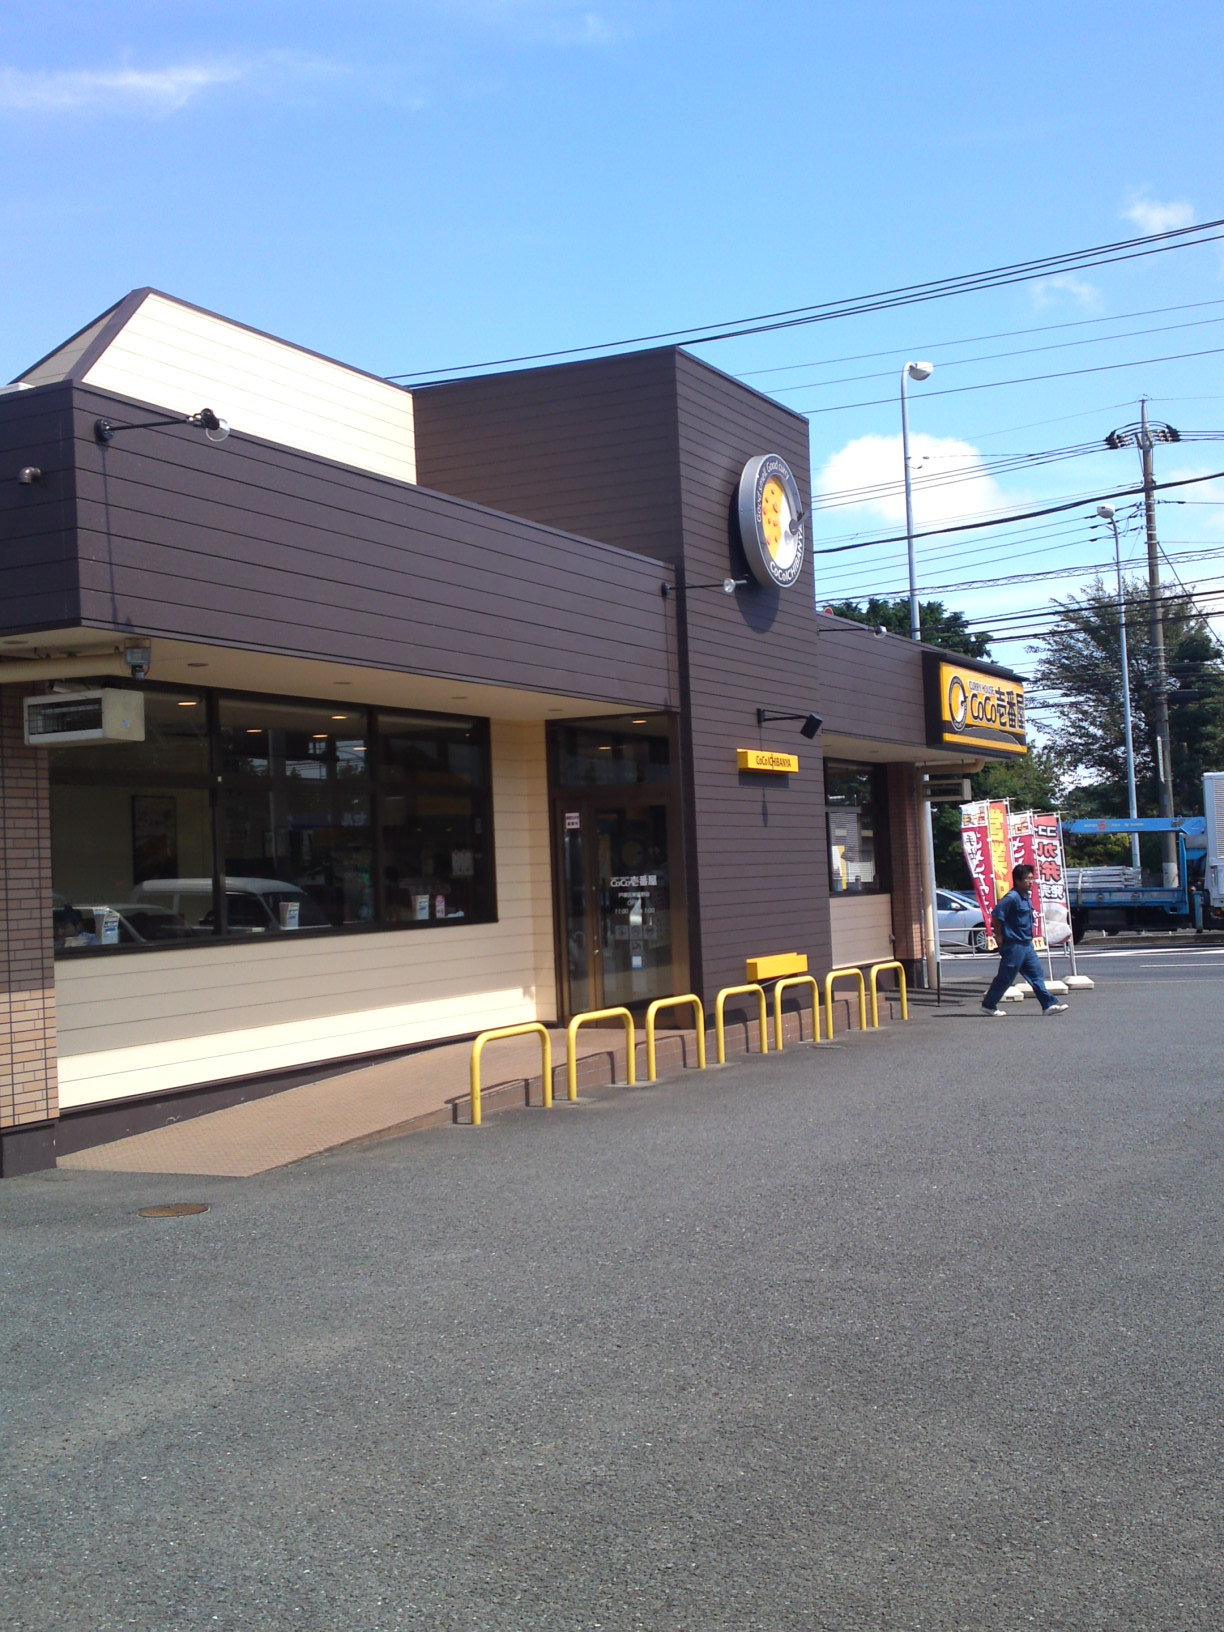 カレーハウス CoCo壱番屋 戸塚区東俣野店